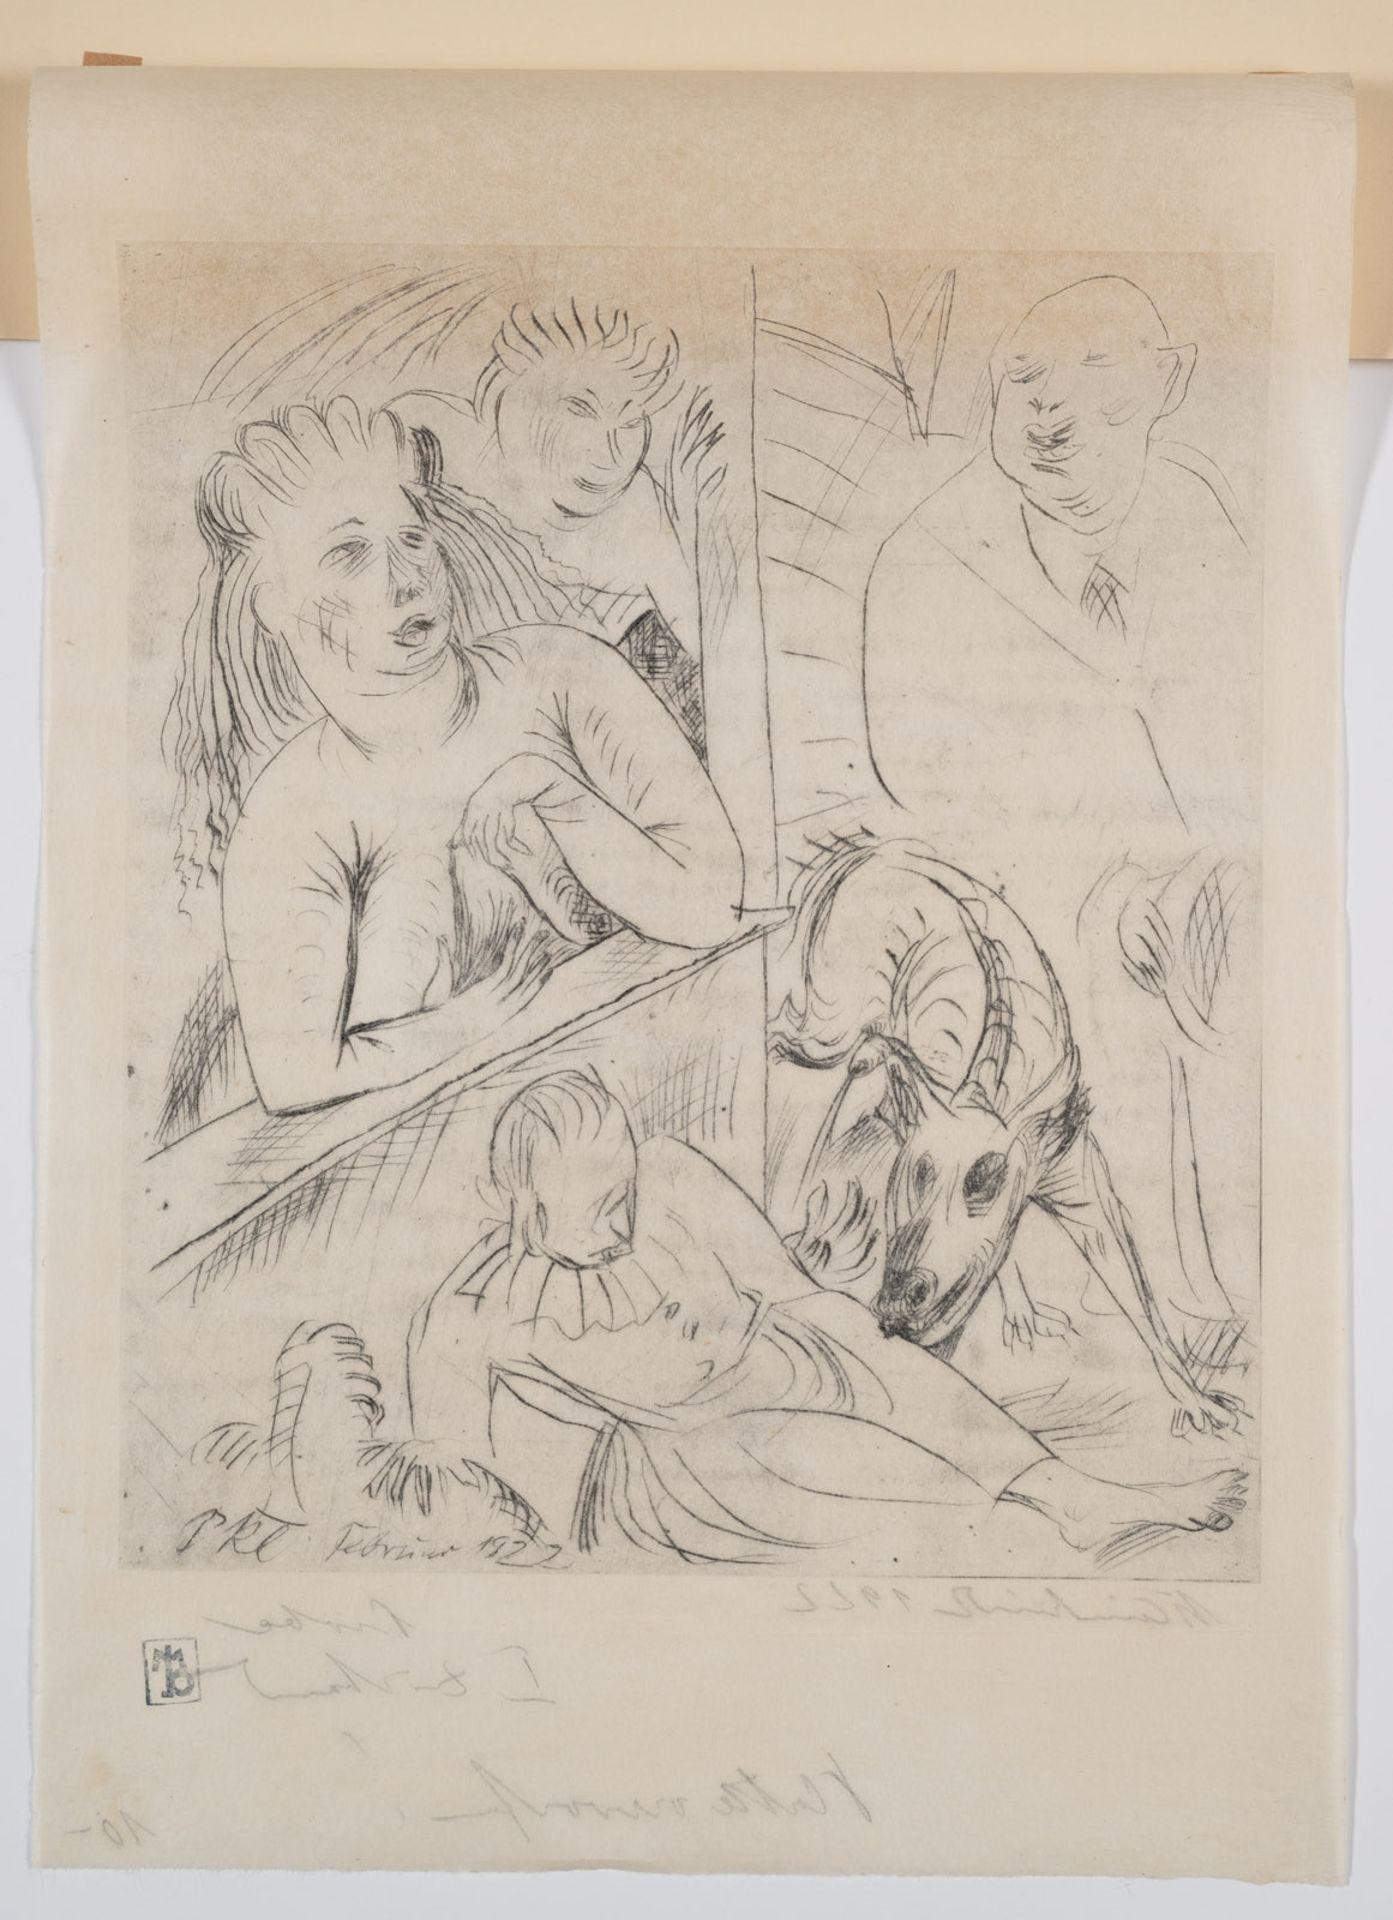 Kleinschmidt, Paul - Image 4 of 4